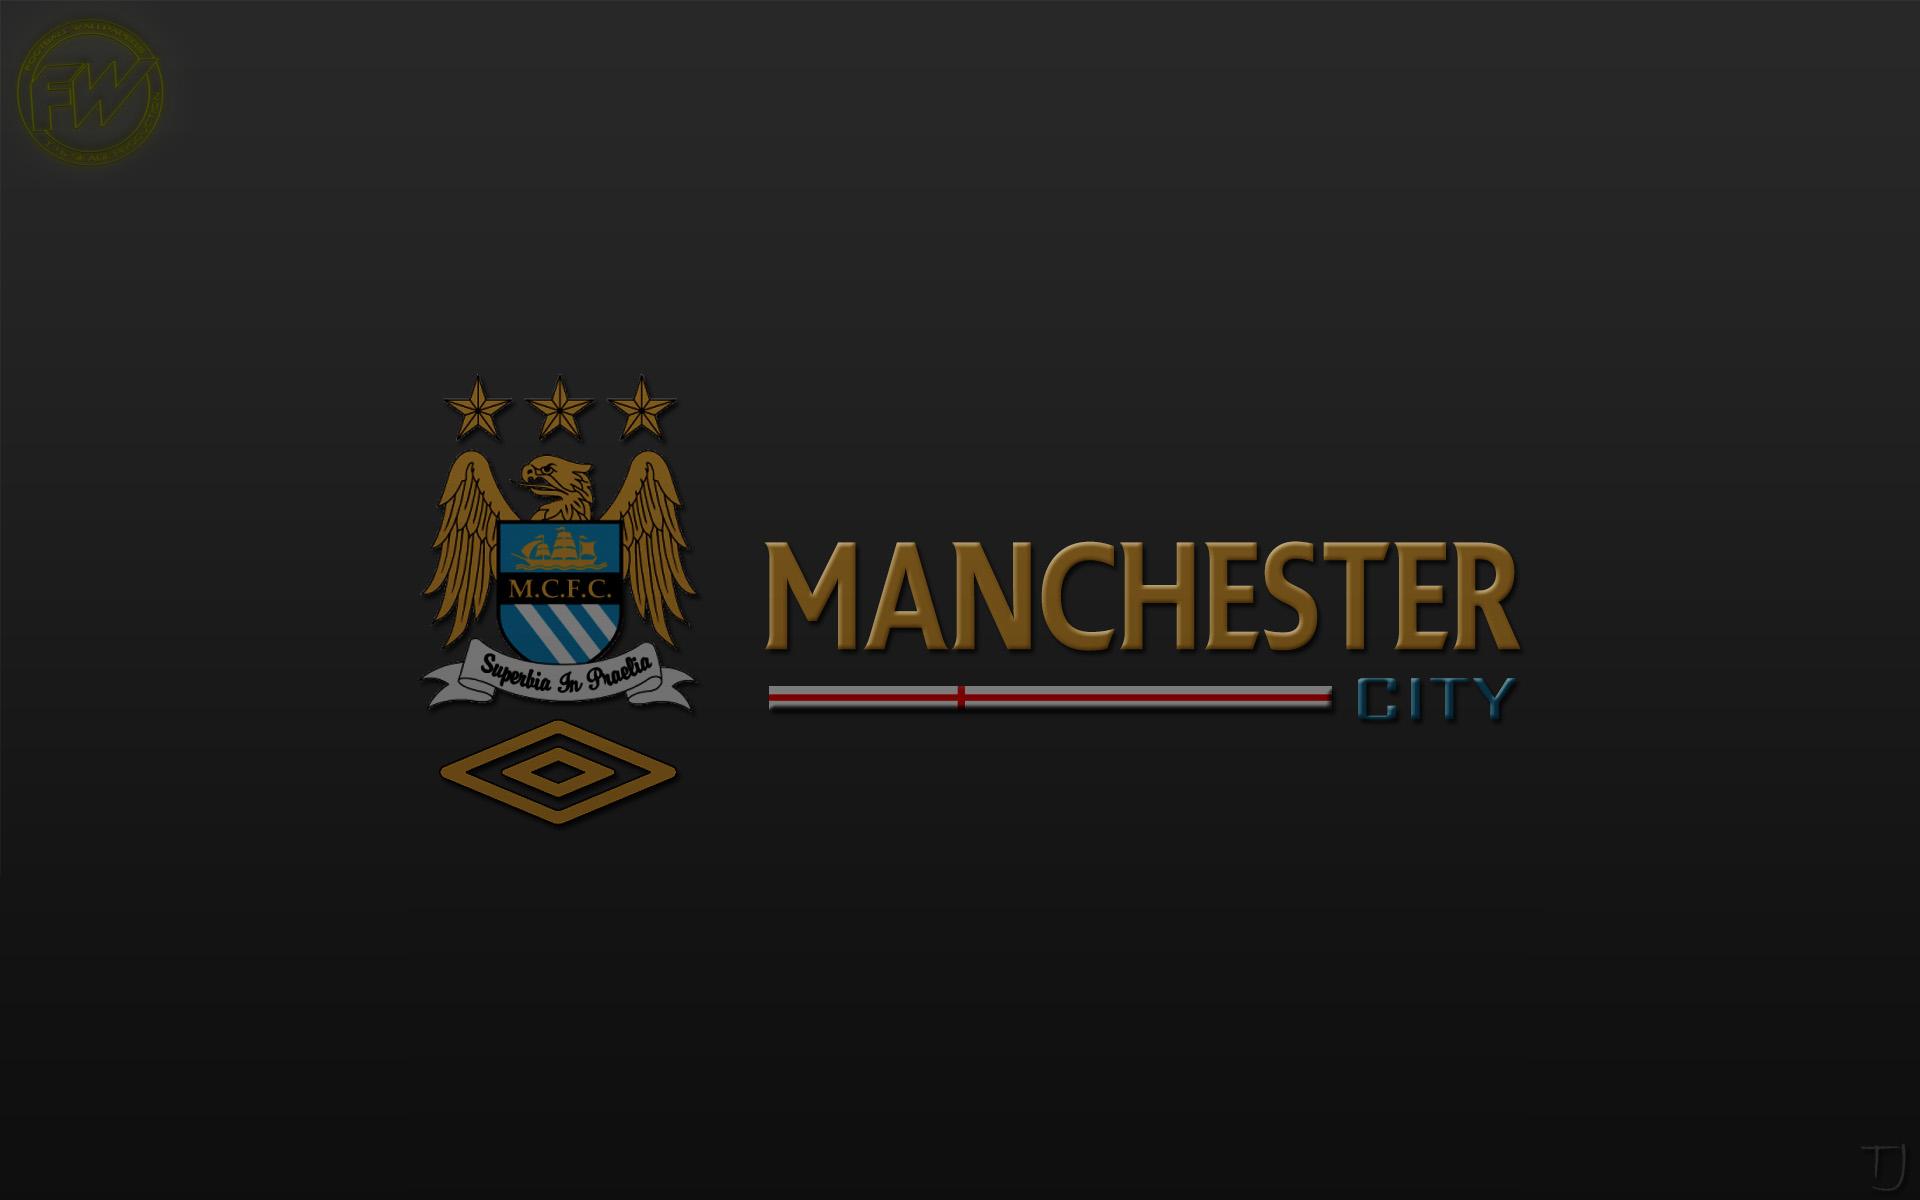 Manchester City Wallpaper Desktop Manchester City Wallpaper Deskto 1920x1200